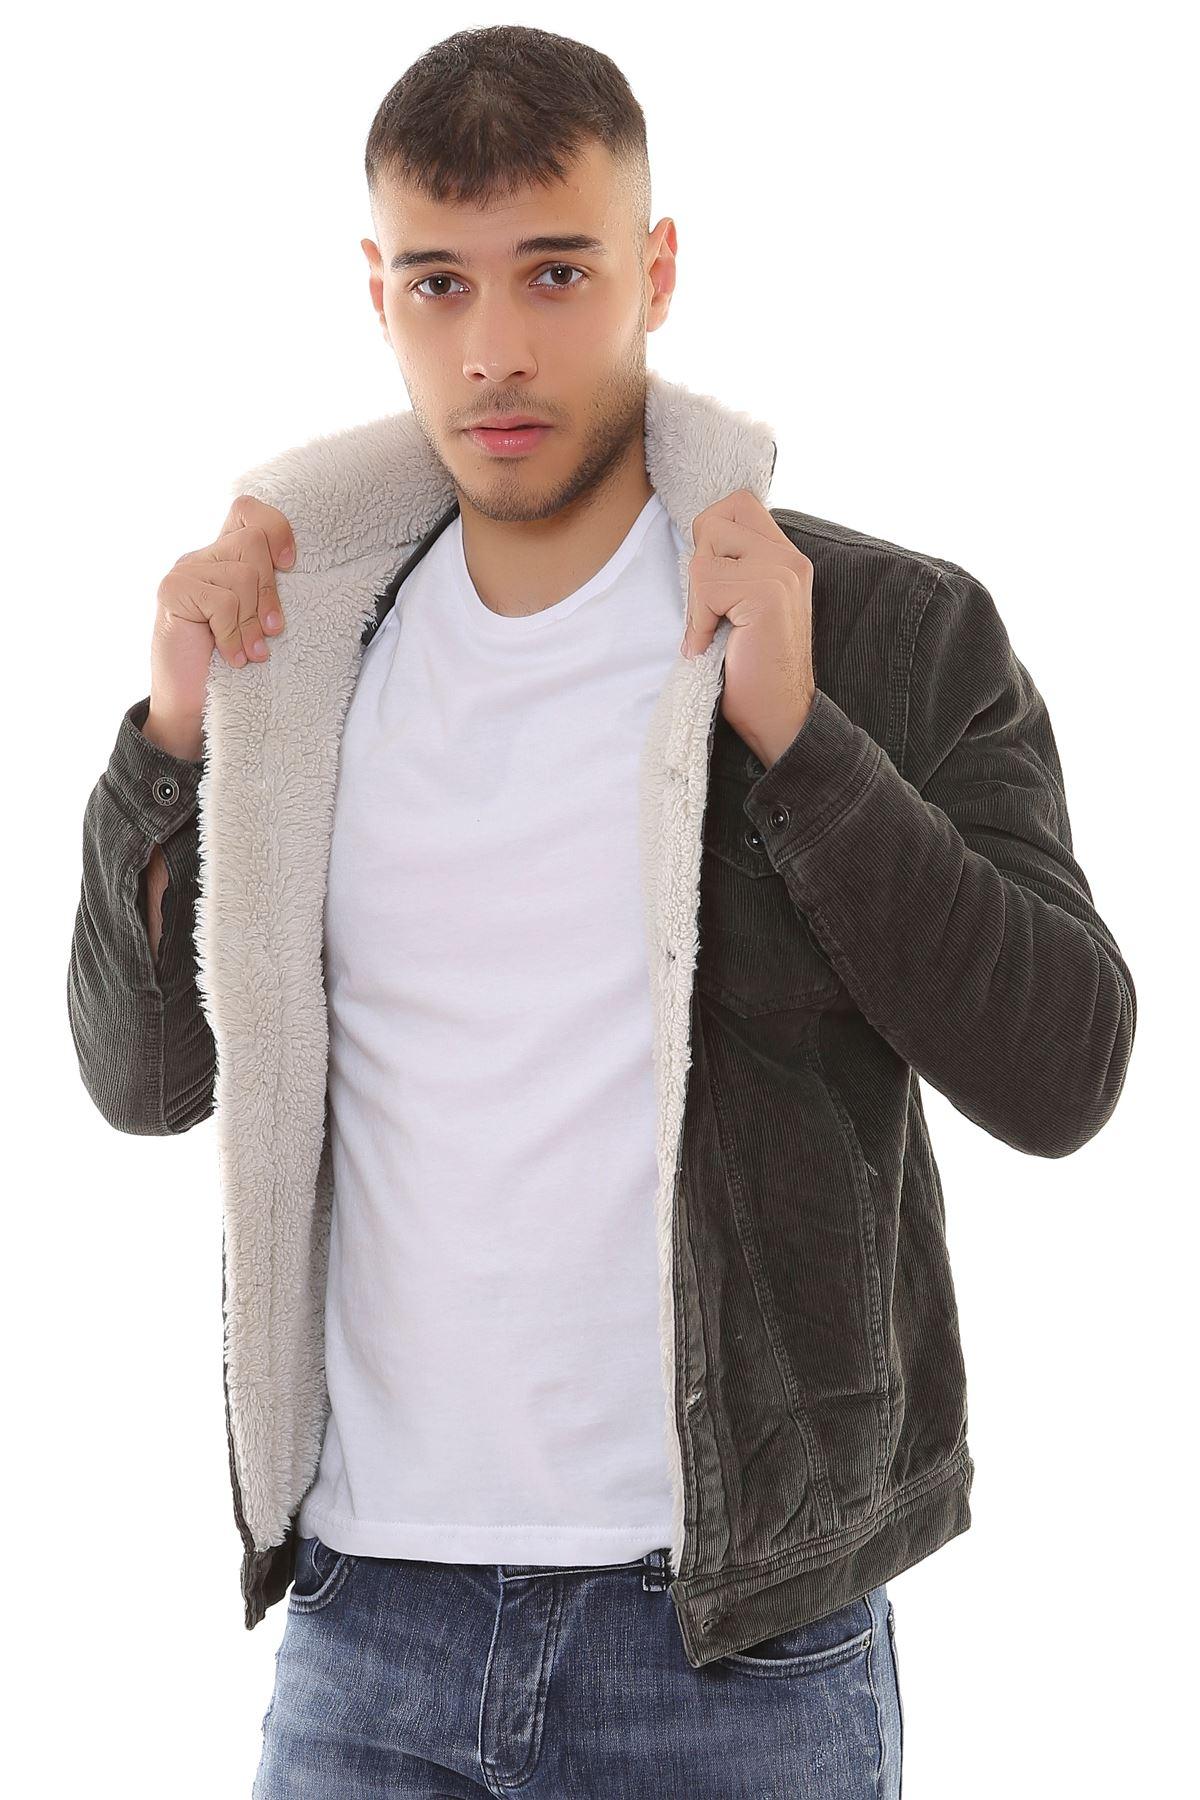 Kadife İçi Kürklü Düğmeli Haki Ceket